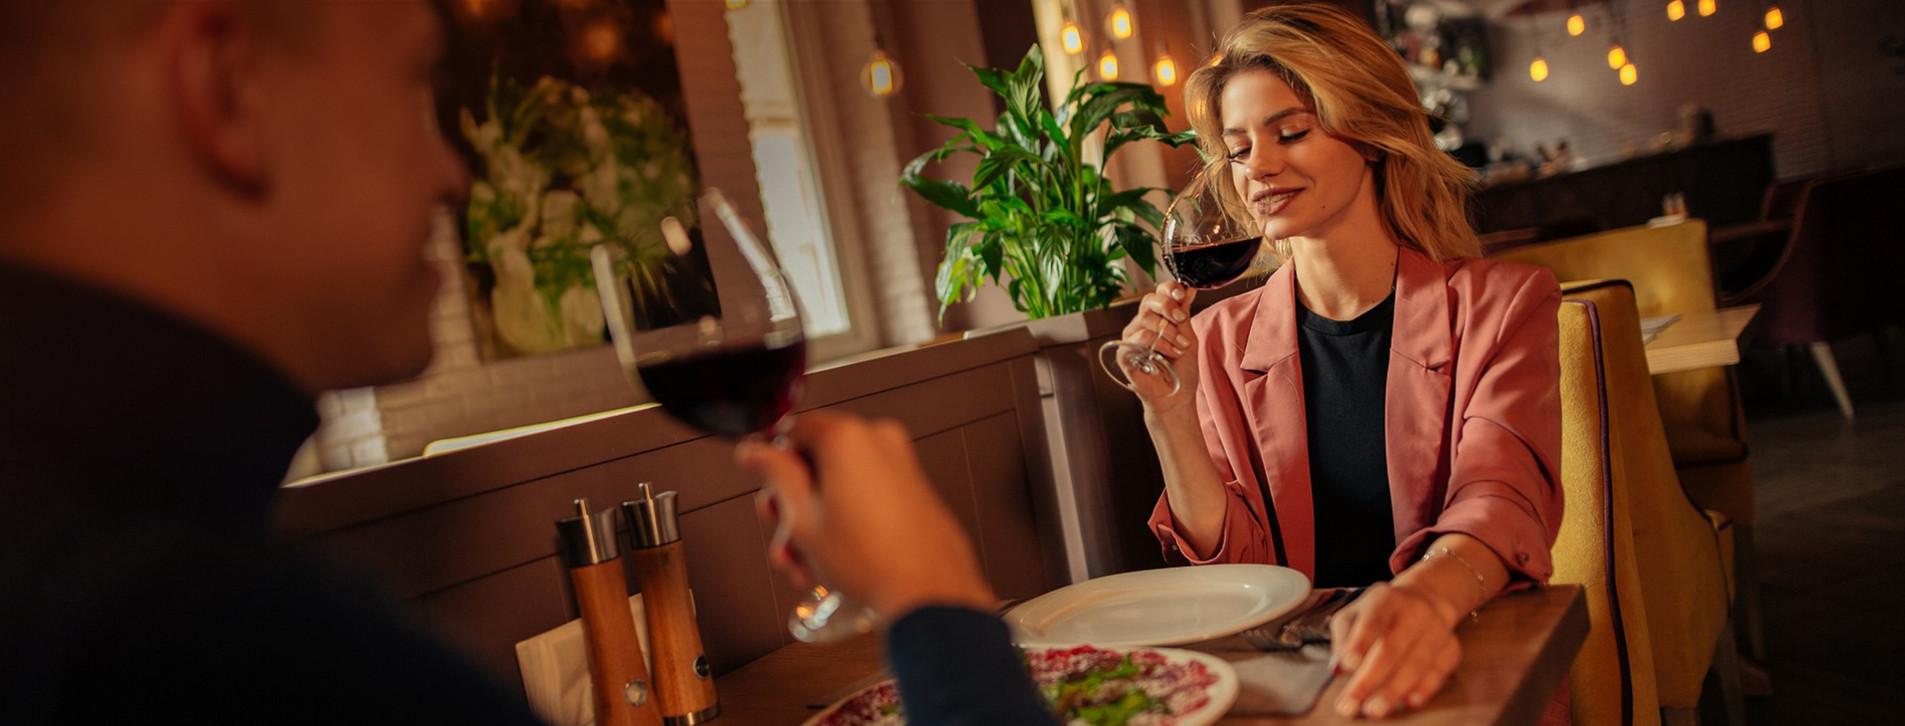 Фото 1 - Ужин в итальянском ресторане